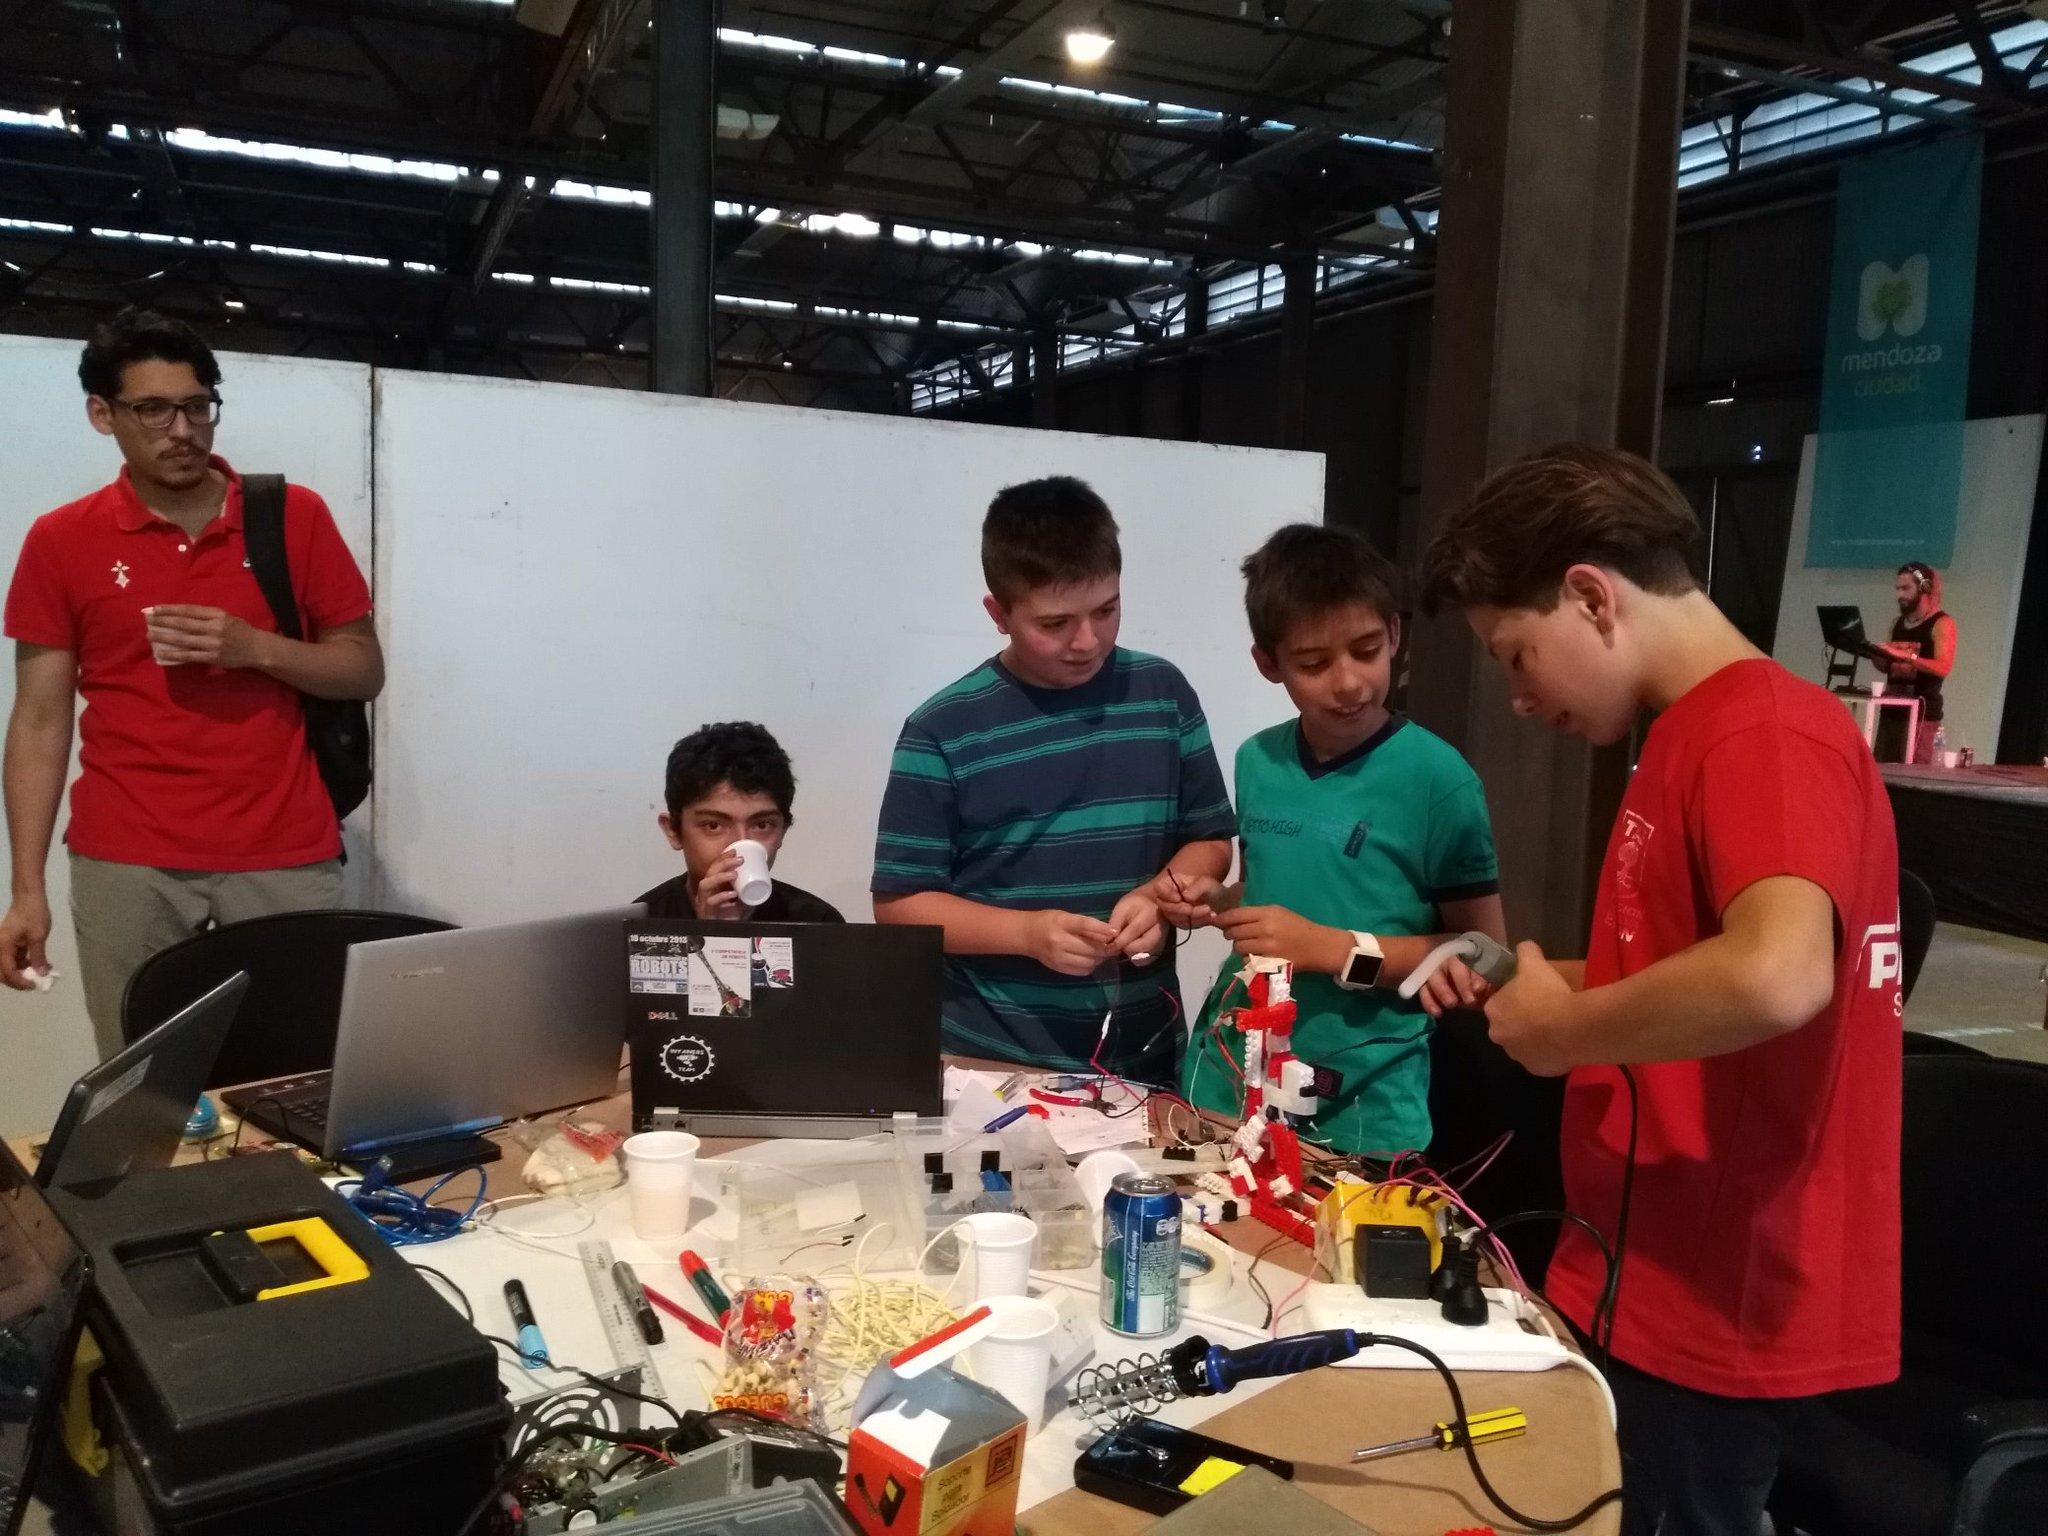 #HackathonMendoza los niños muy activos pensando soluciones en colaboración @probotschool @gracielabertanc @GoldLuciana https://t.co/0wmMjalDPV